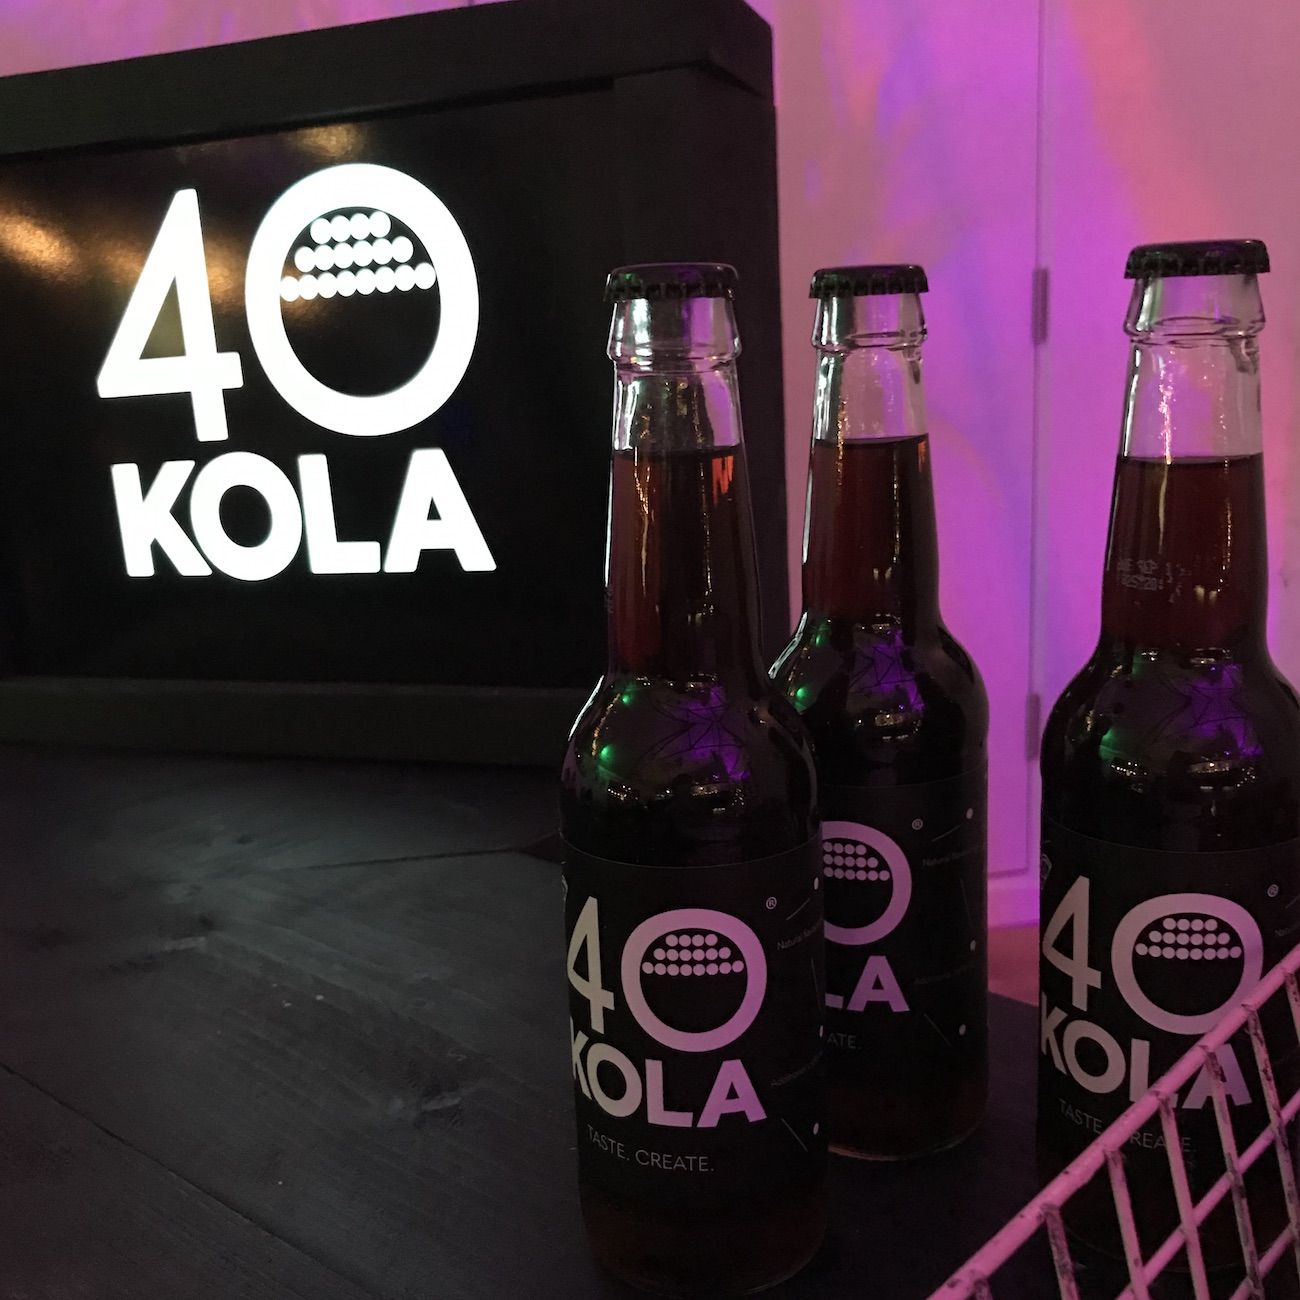 40 Kola* - Newcastle Eats